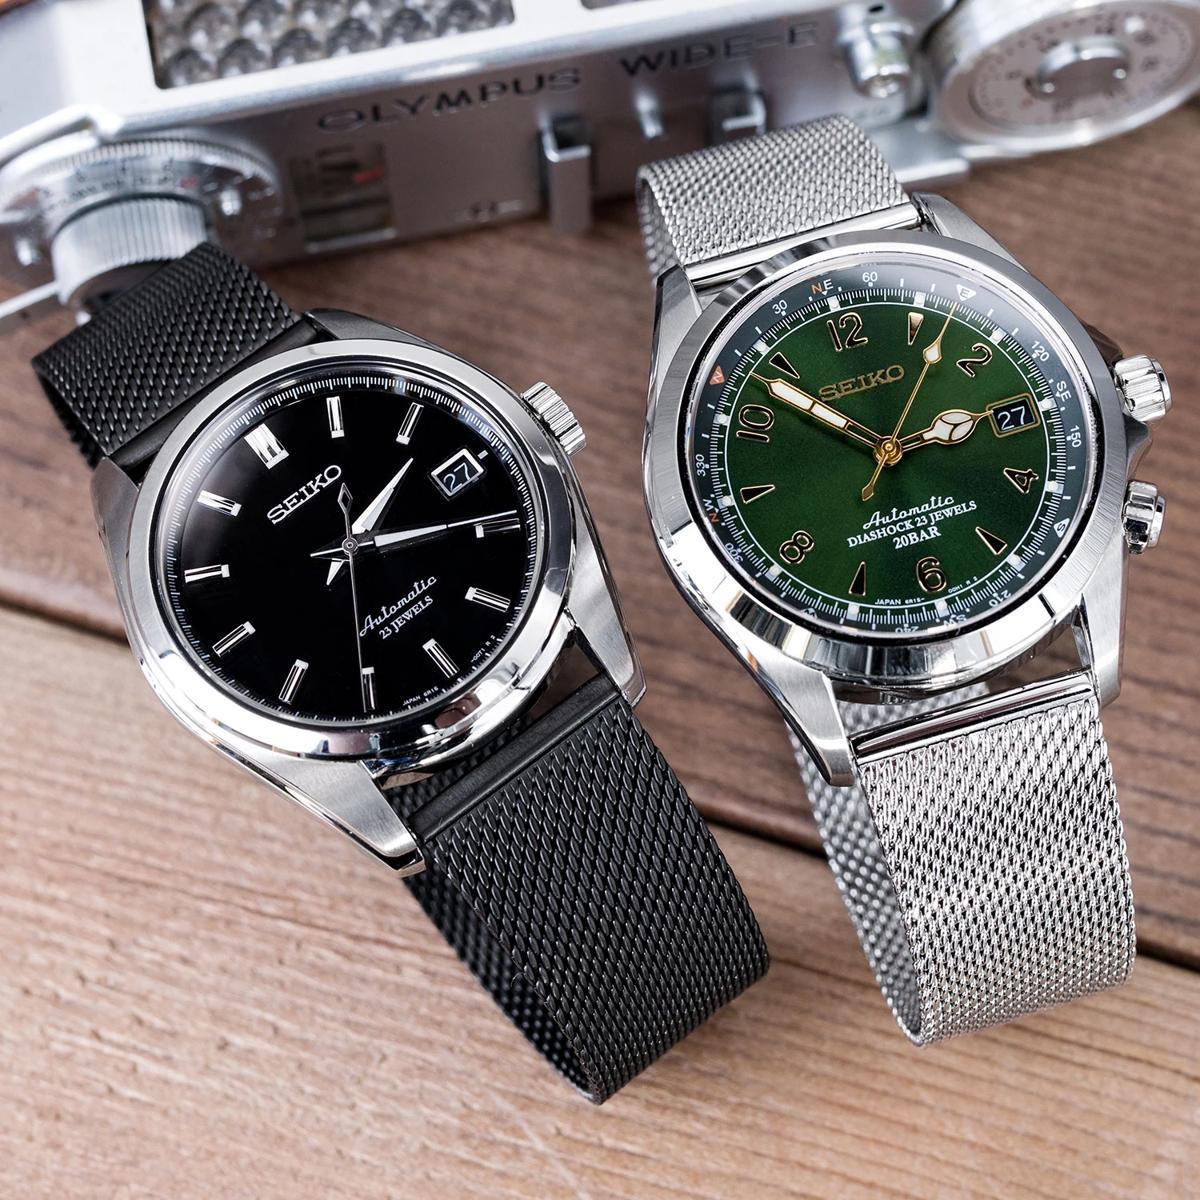 dây Milanese - kiểu dây đồng hồ kim loại được xem là thanh thoát nhất hiện nay - Seiko SARB033